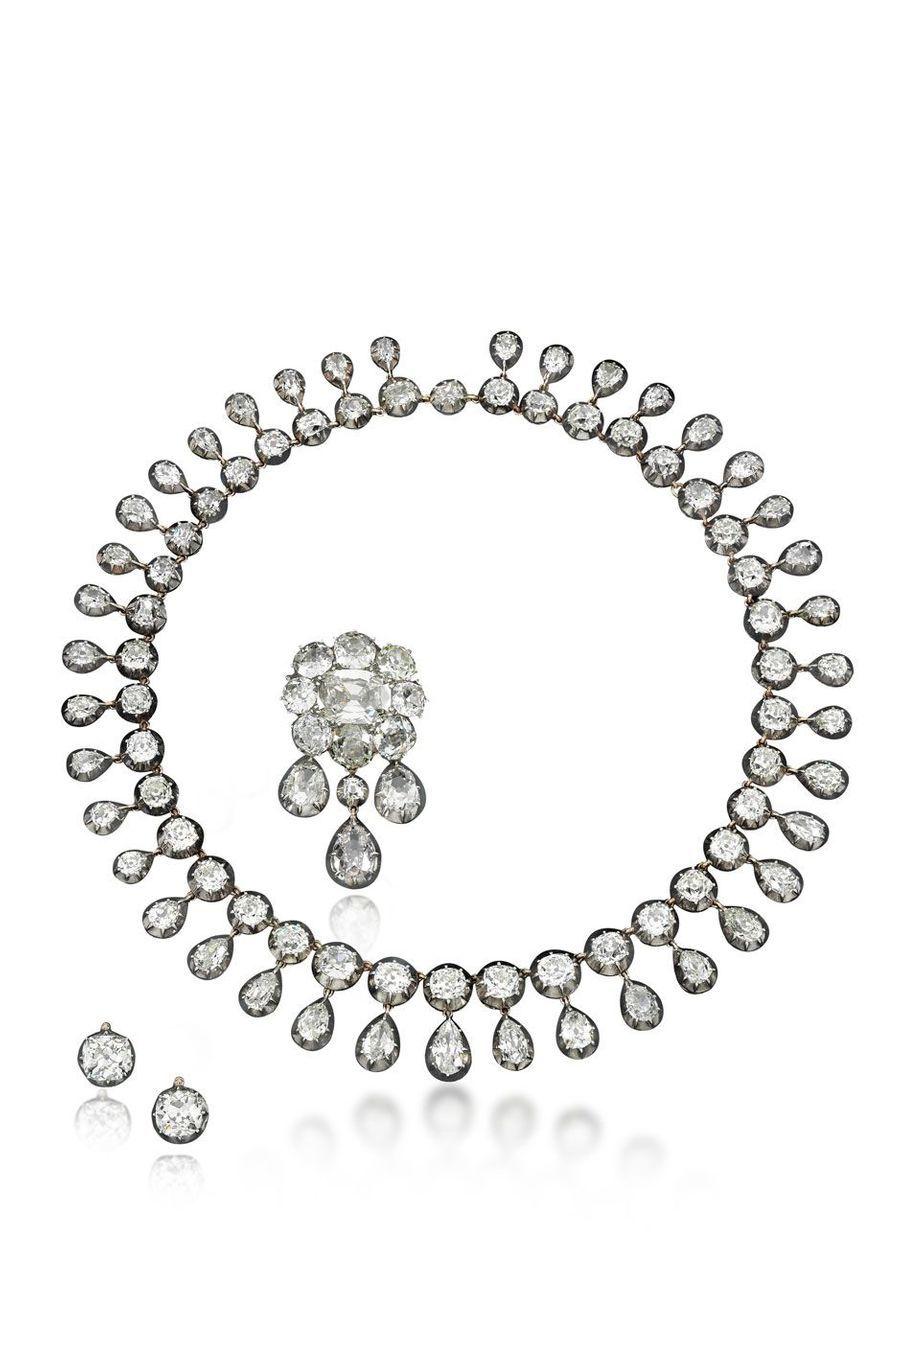 Bijoux de Marie-Antoinette : parure composée de 95 diamants dont cinq solitaires ayant également appartenu à Marie-Antoinette